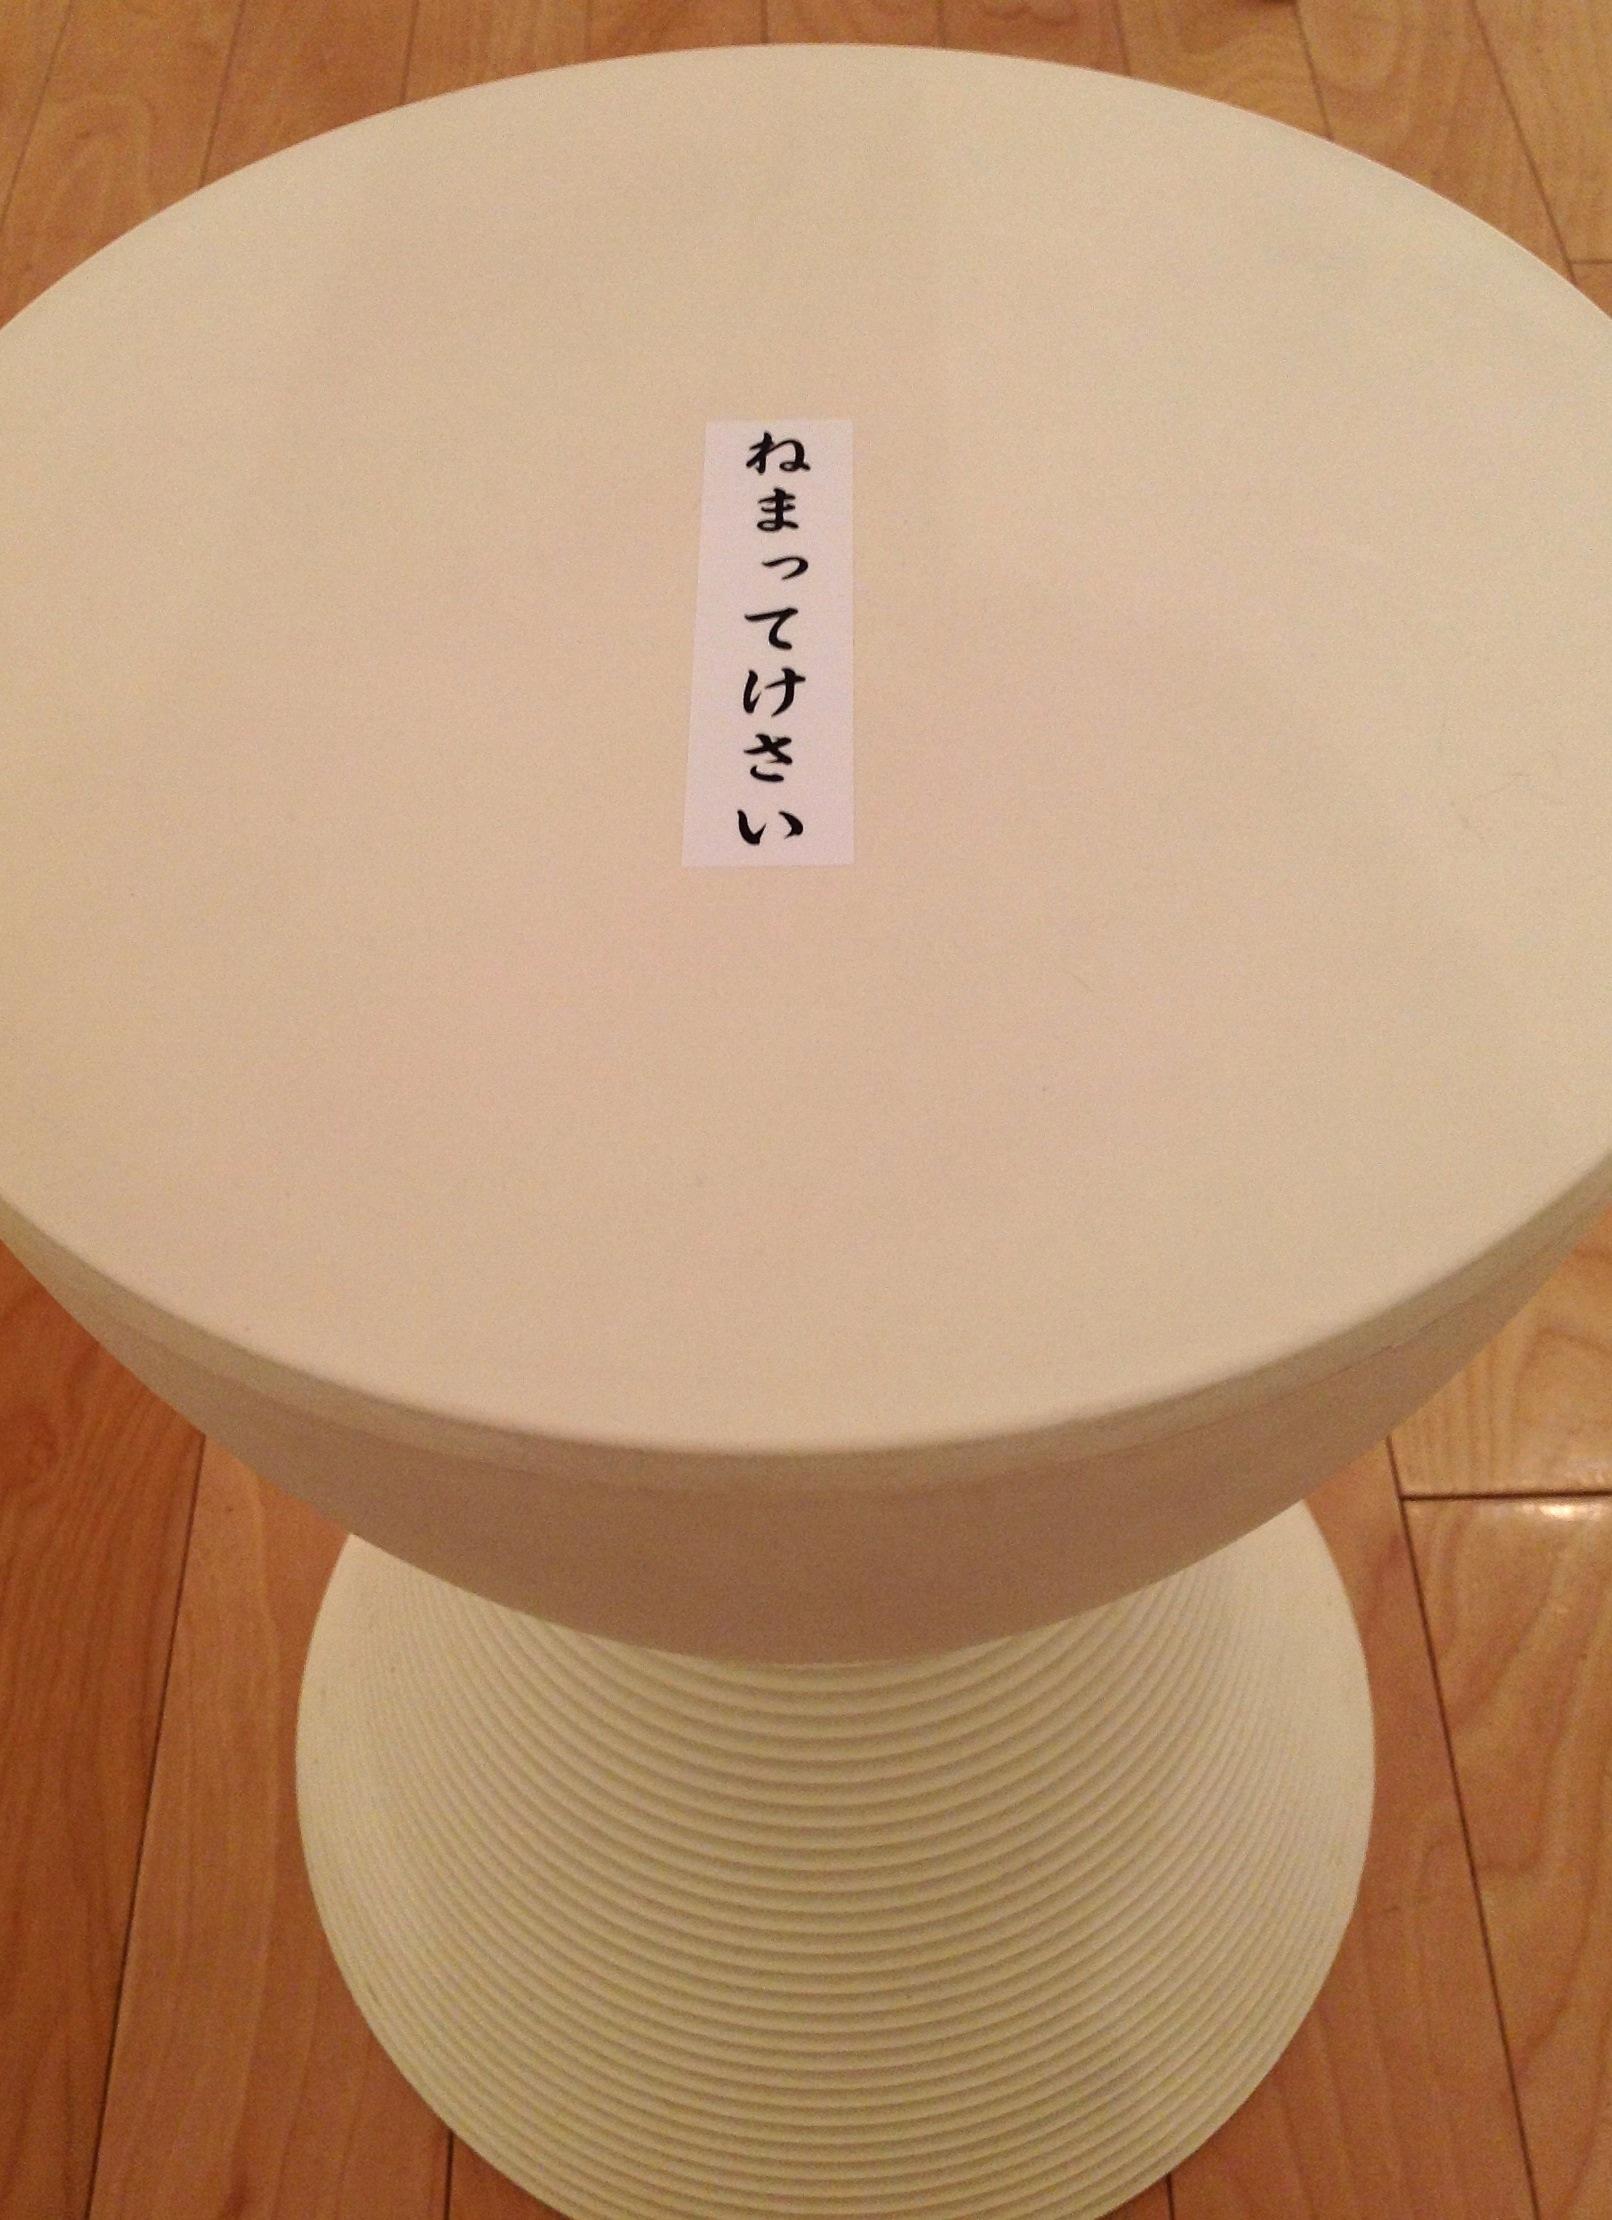 http://hacchi.jp/blog/upload/images/20140212-3.JPG